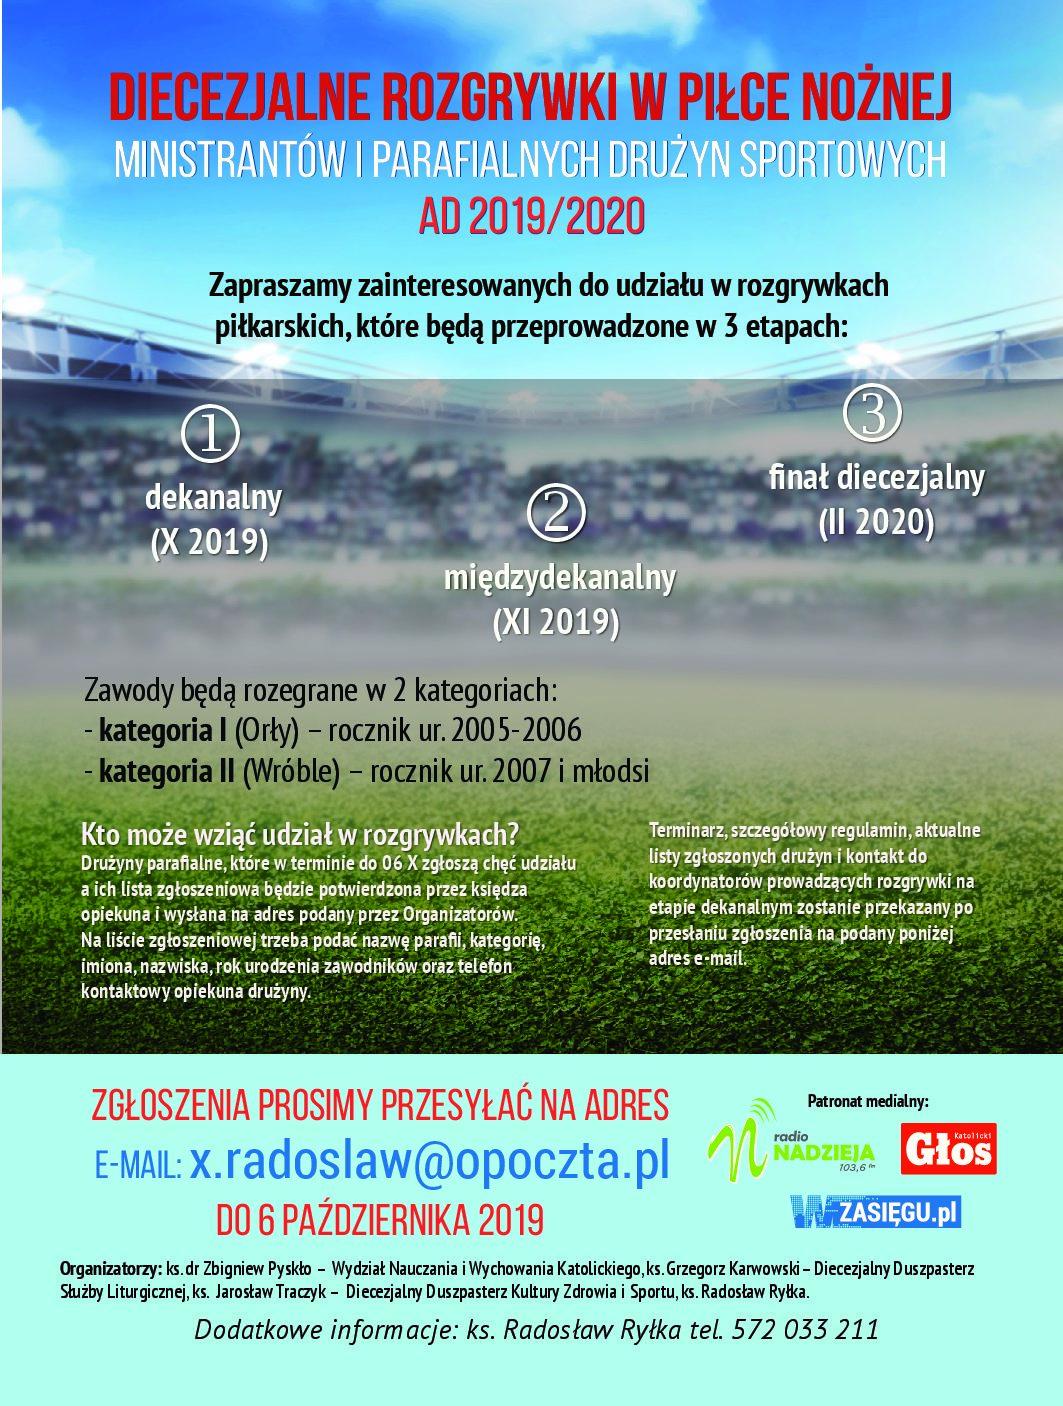 Diecezjalne rozgrywki w piłce nożnej